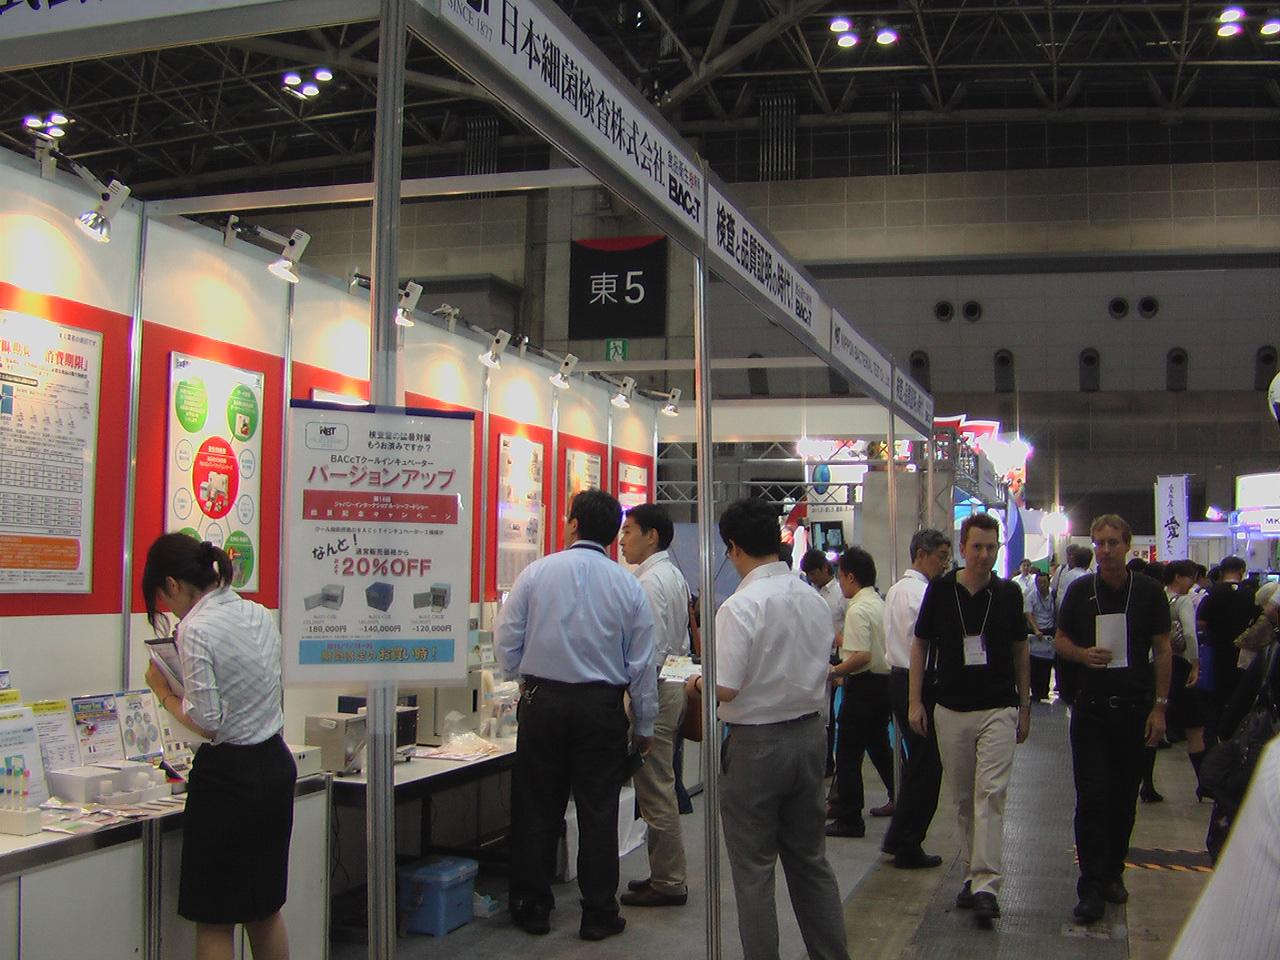 第14回ジャパン・インターナショナル・シーフードショー/The 14th Japan International Seafood & Technology Expo